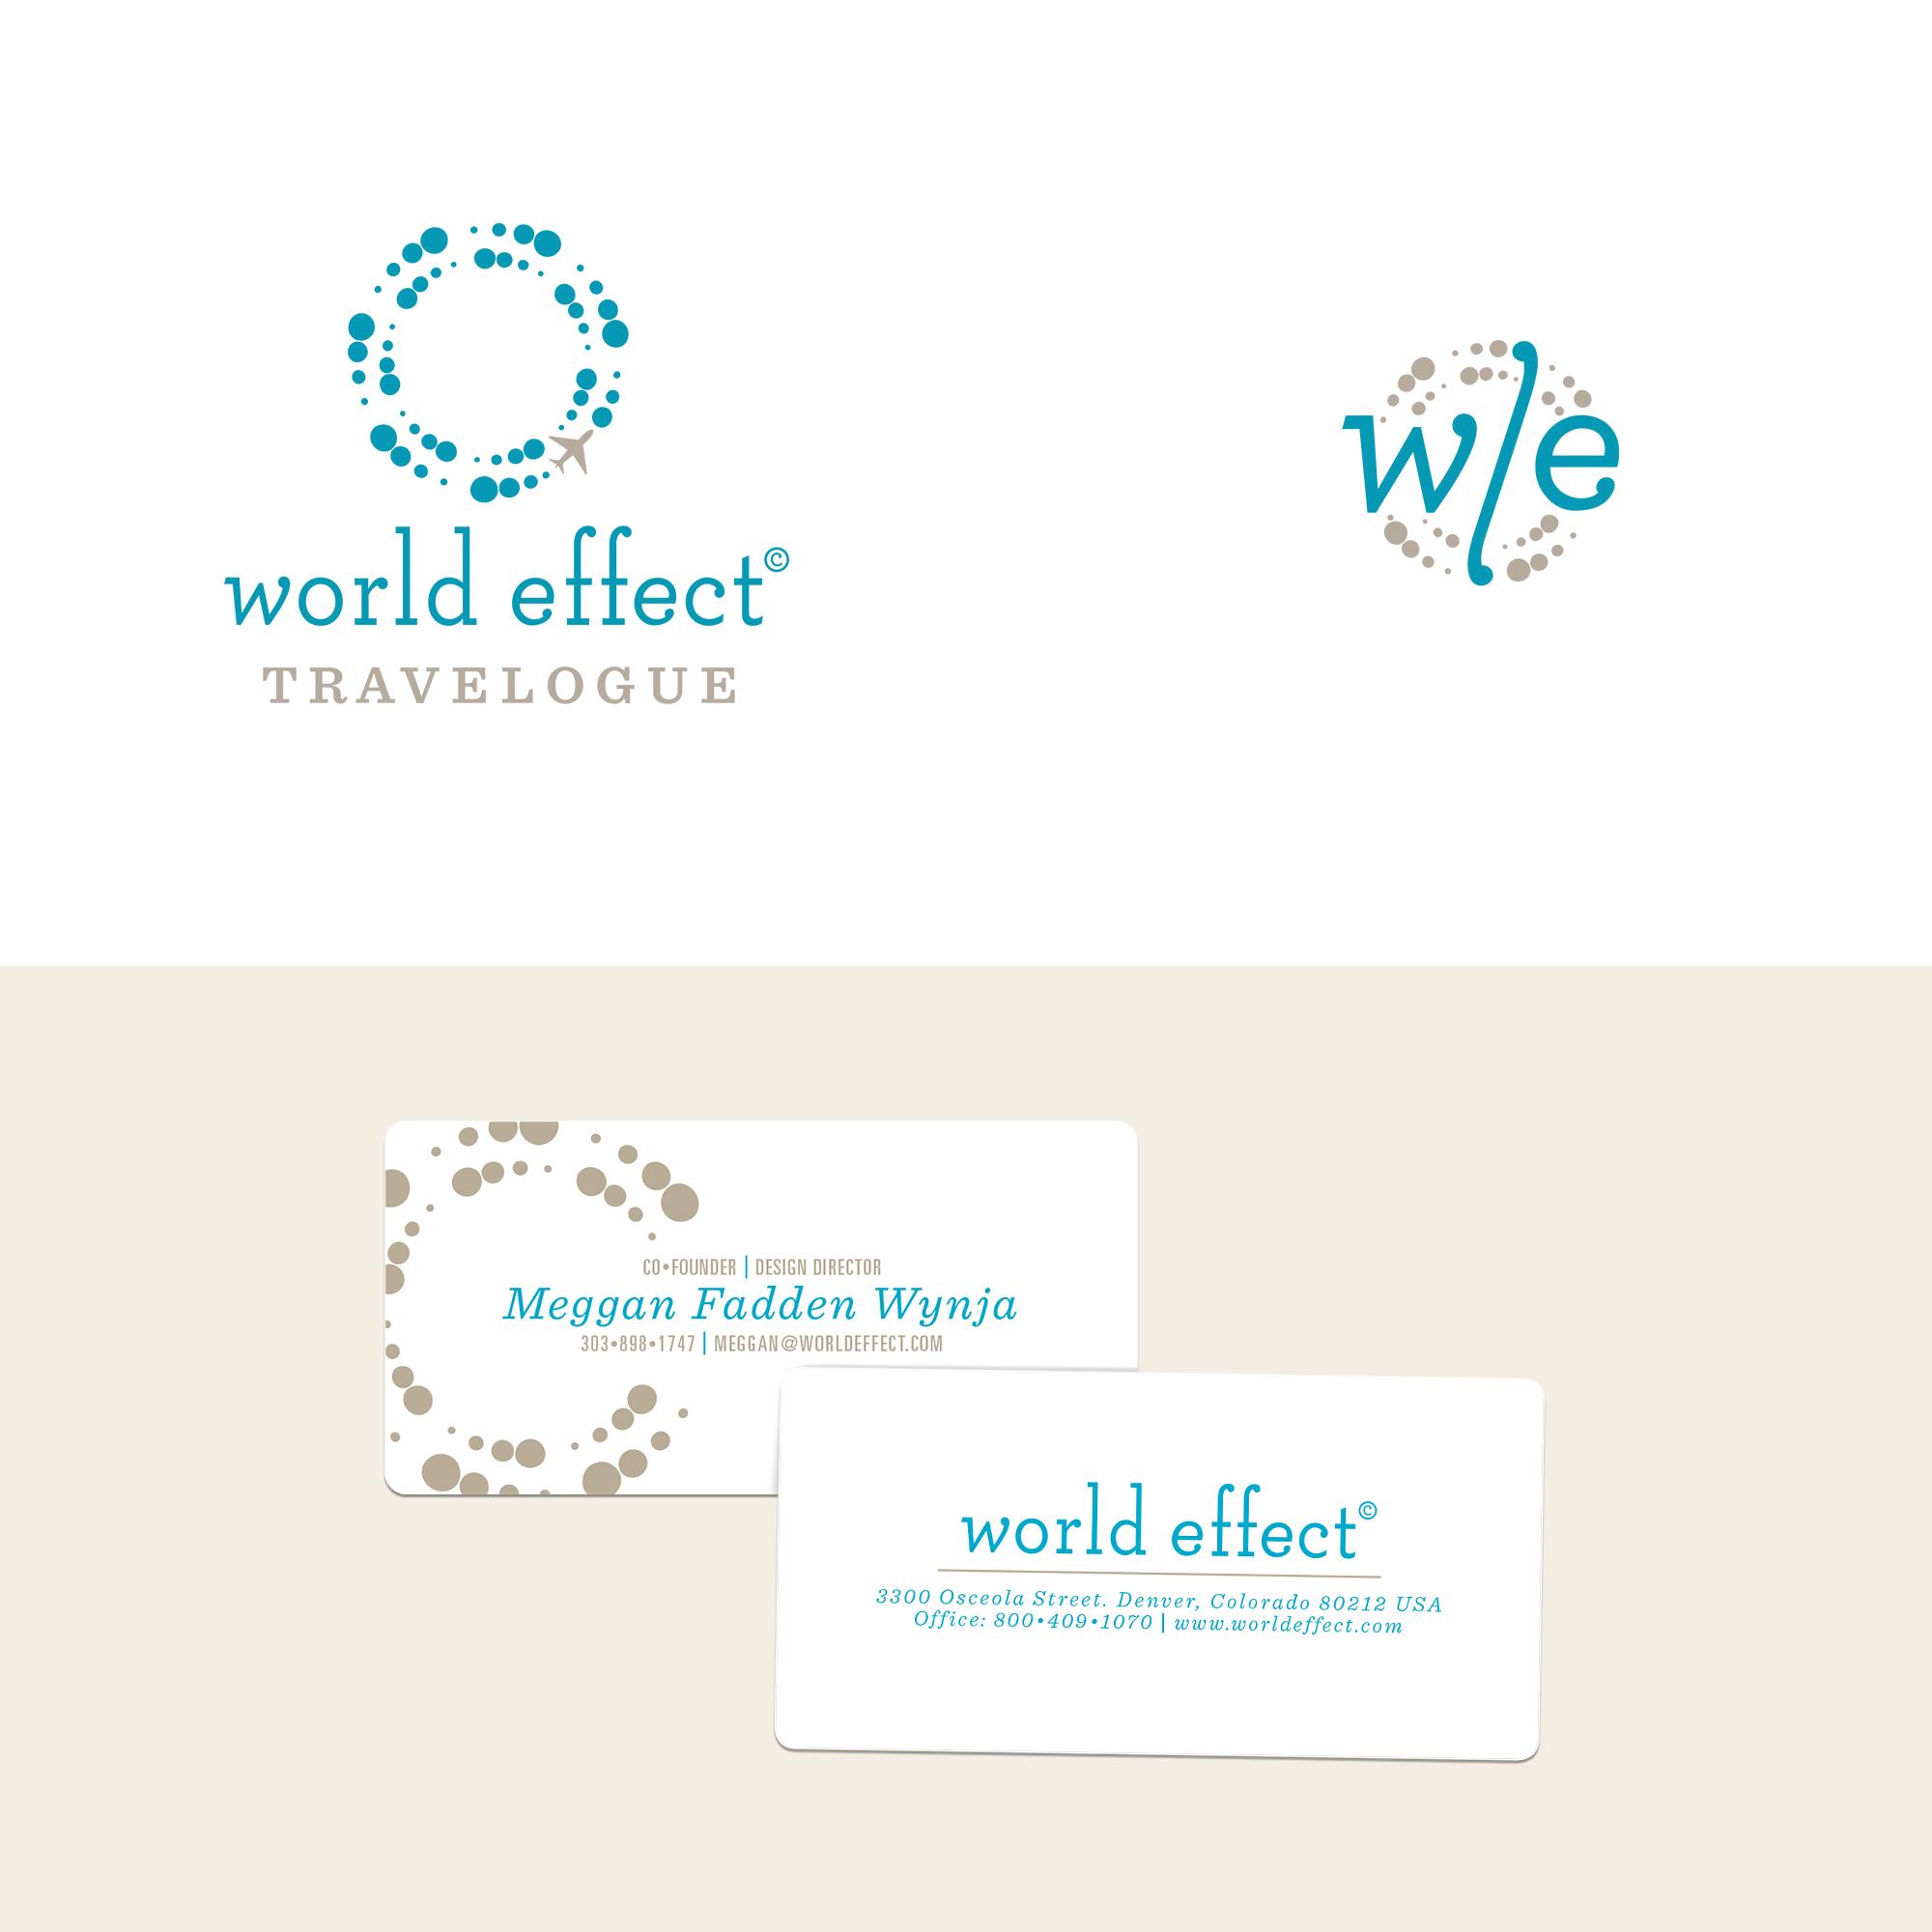 ajr-logos-009-worldeffect